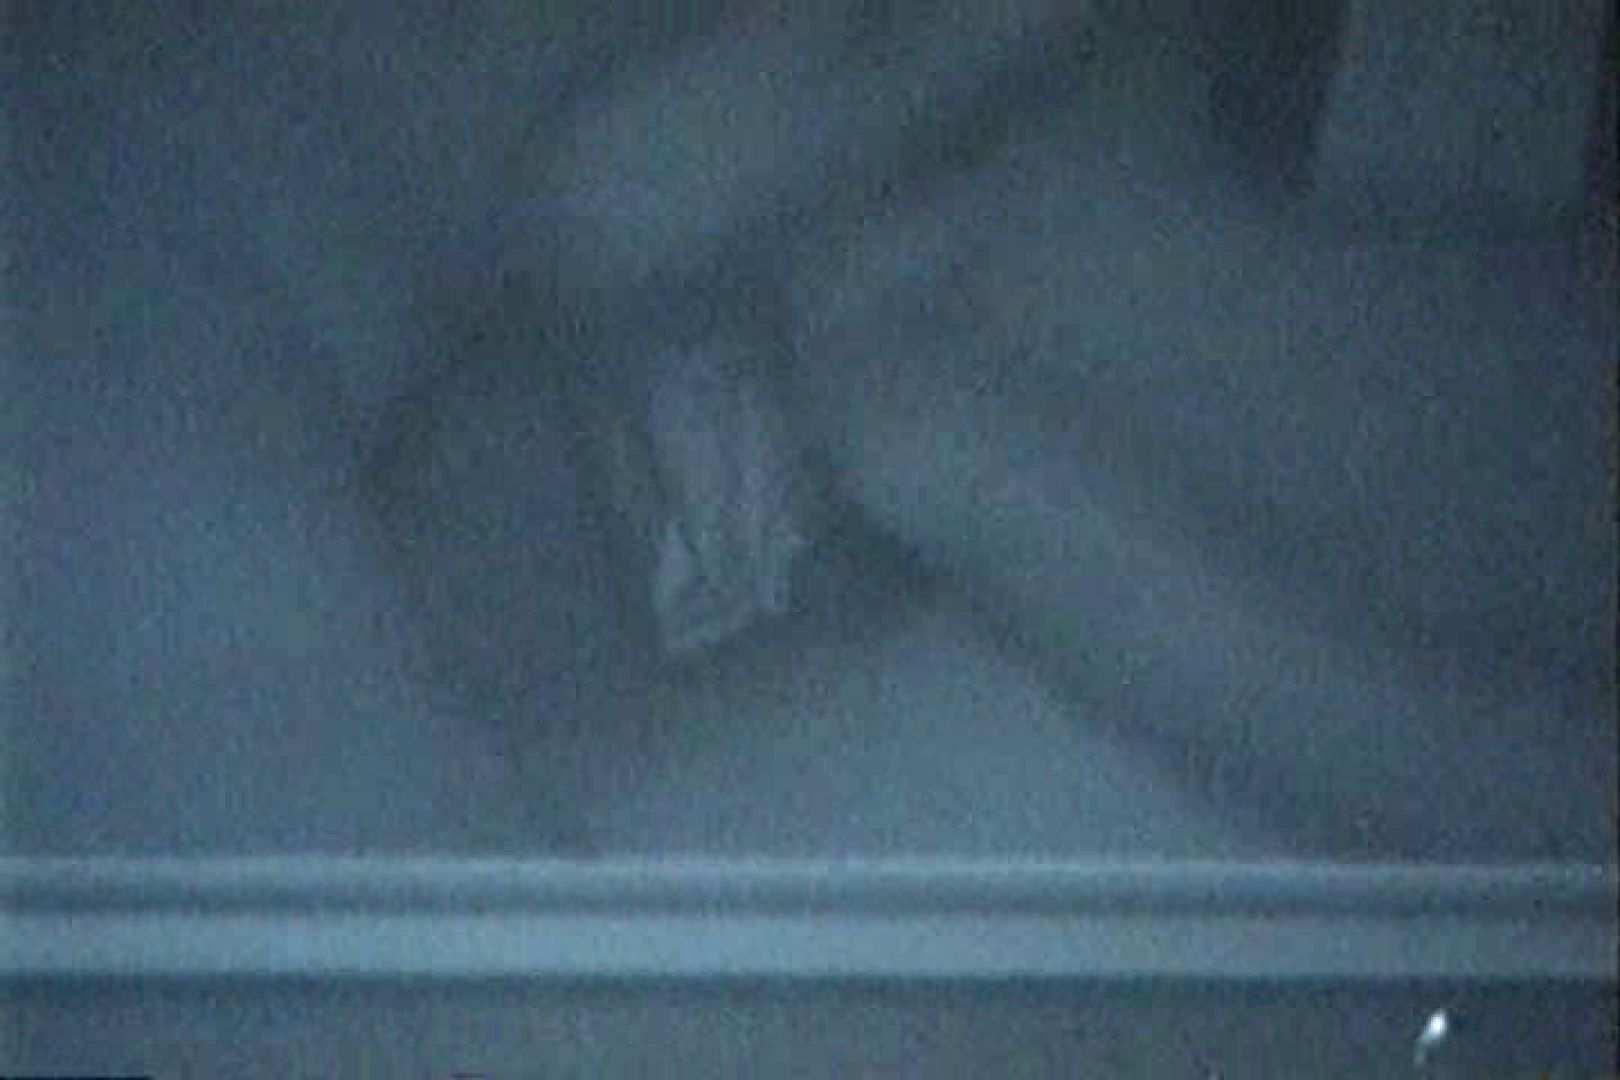 充血監督の深夜の運動会Vol.150 エロティックなOL スケベ動画紹介 85画像 46